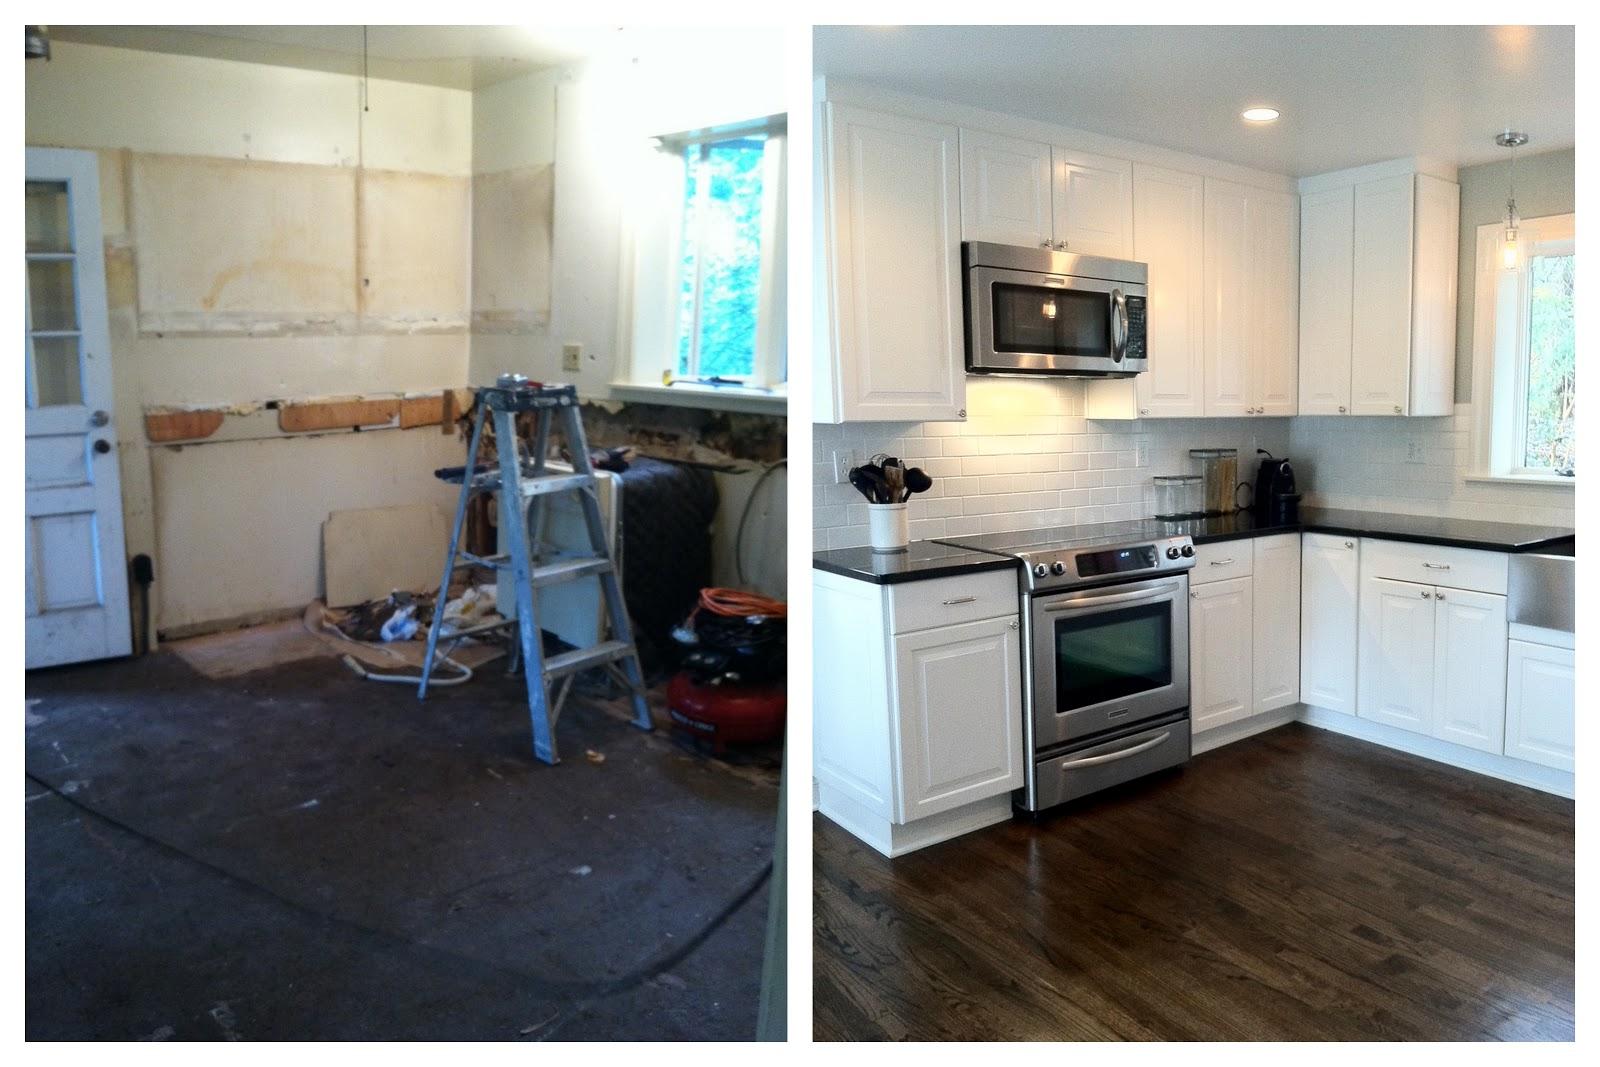 ikea kitchen renovation part 1 ikea kitchen remodel cost Ikea Kitchen Renovation Part 1